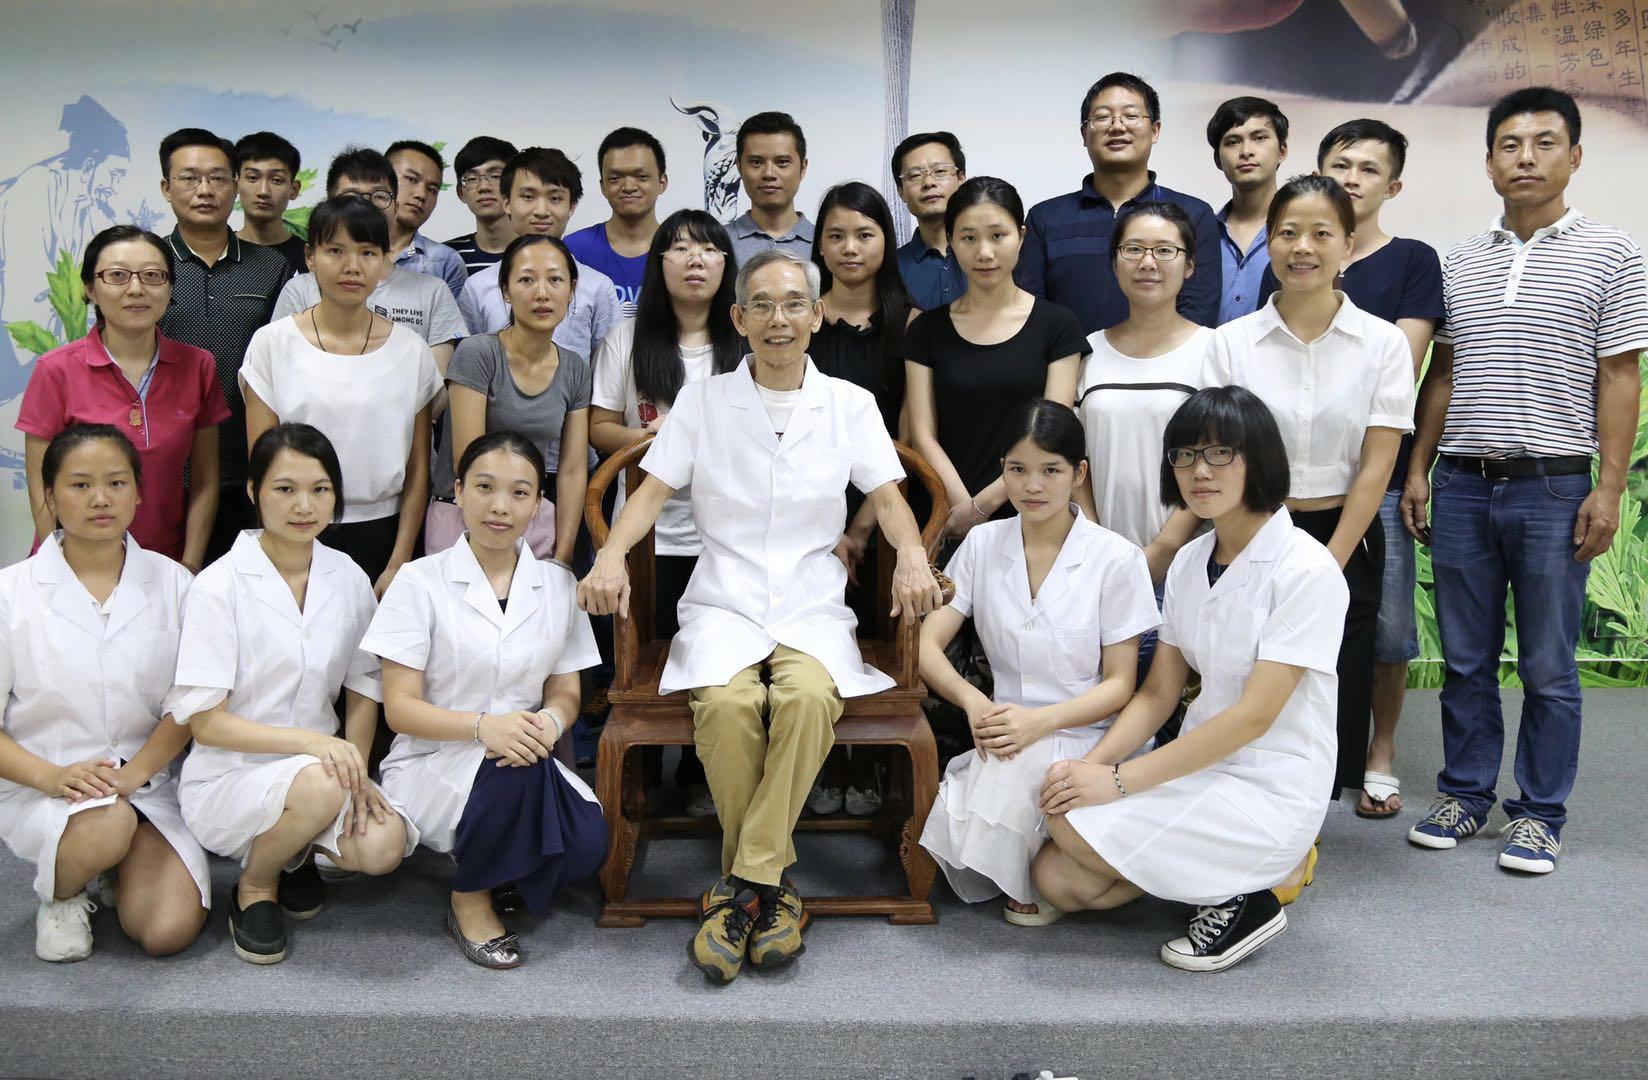 广州中医辩证治疗技术培训课程